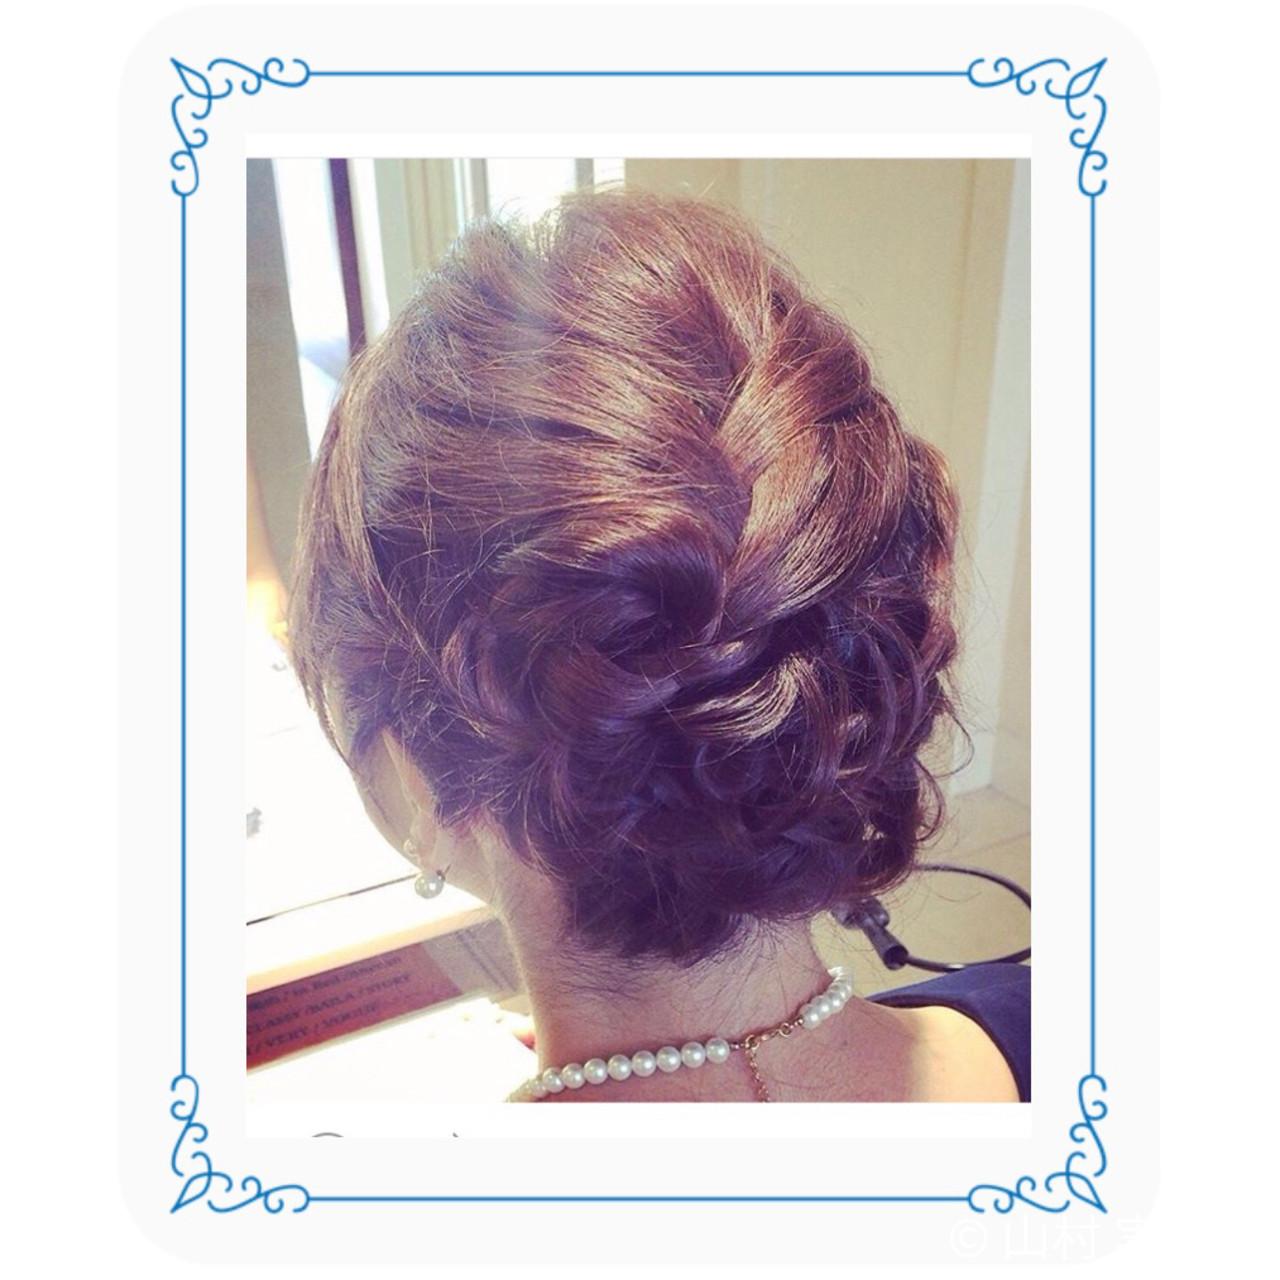 デート フェミニン 編み込み ヘアアレンジヘアスタイルや髪型の写真・画像